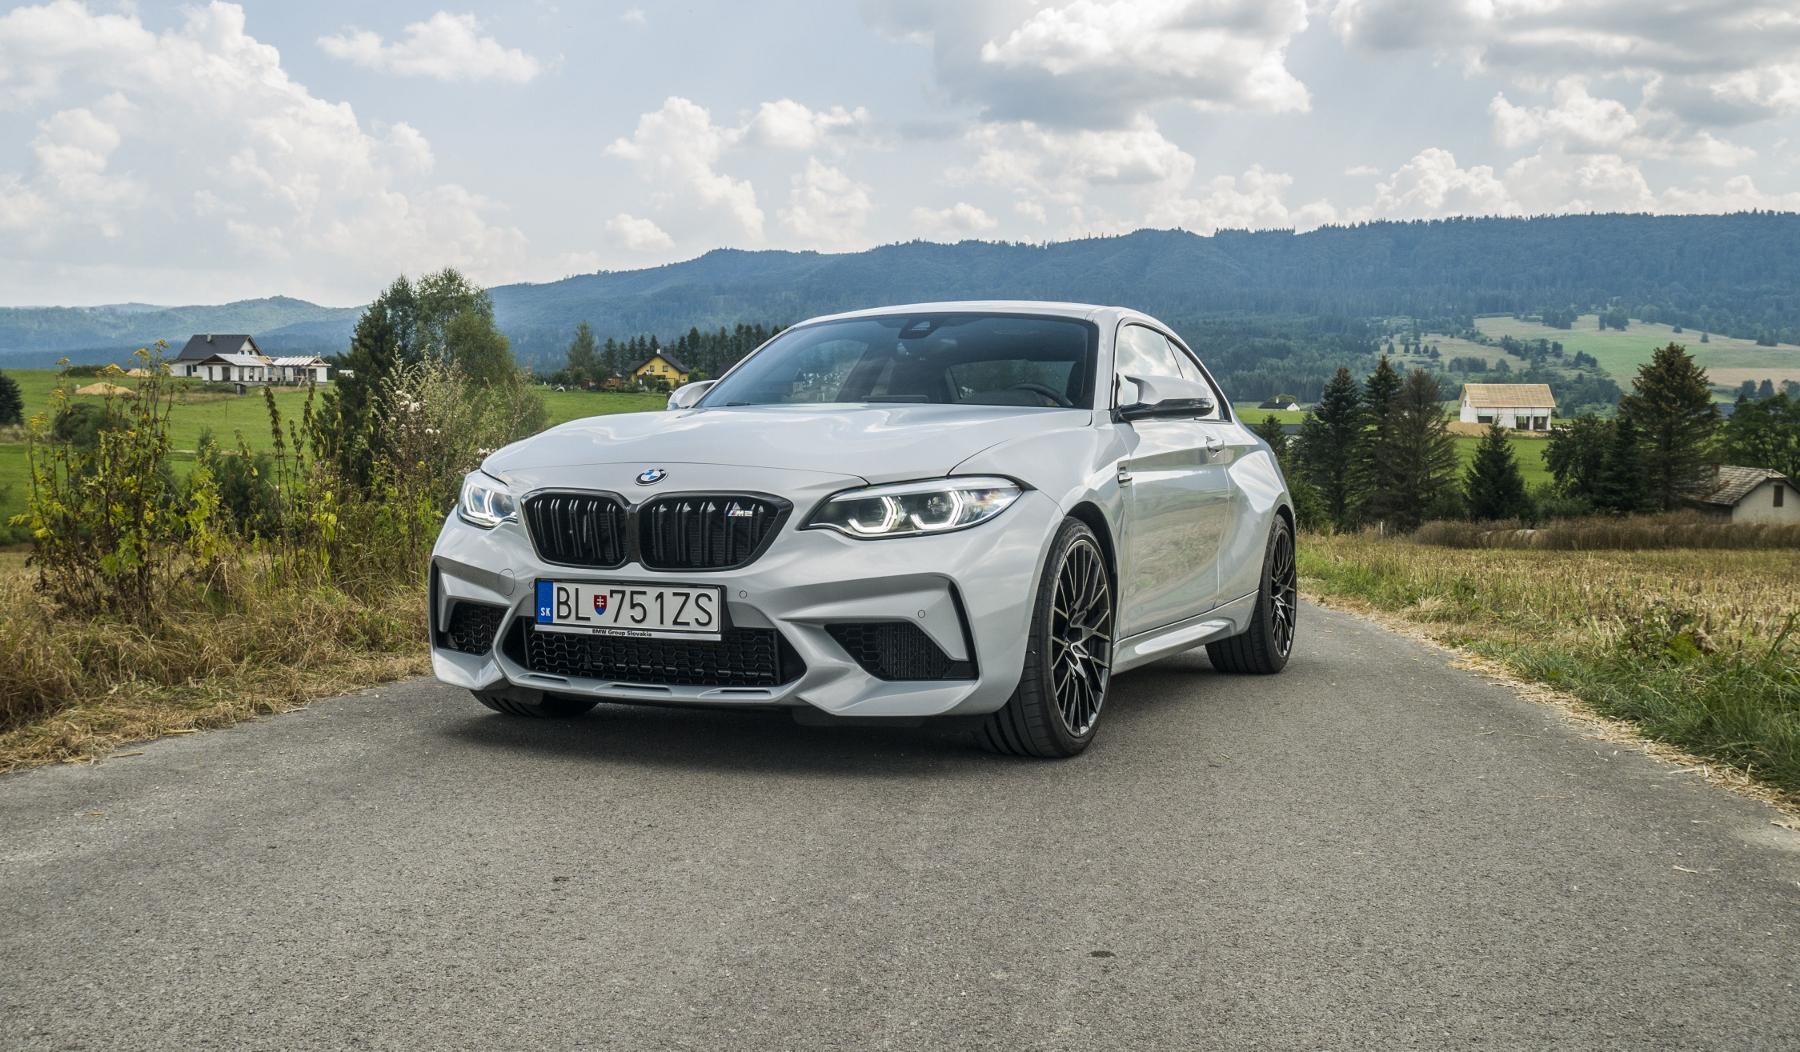 Test: BMW M2 Competition je nálož plná zábavy Fbl7FwZrSe bmw-m2-3